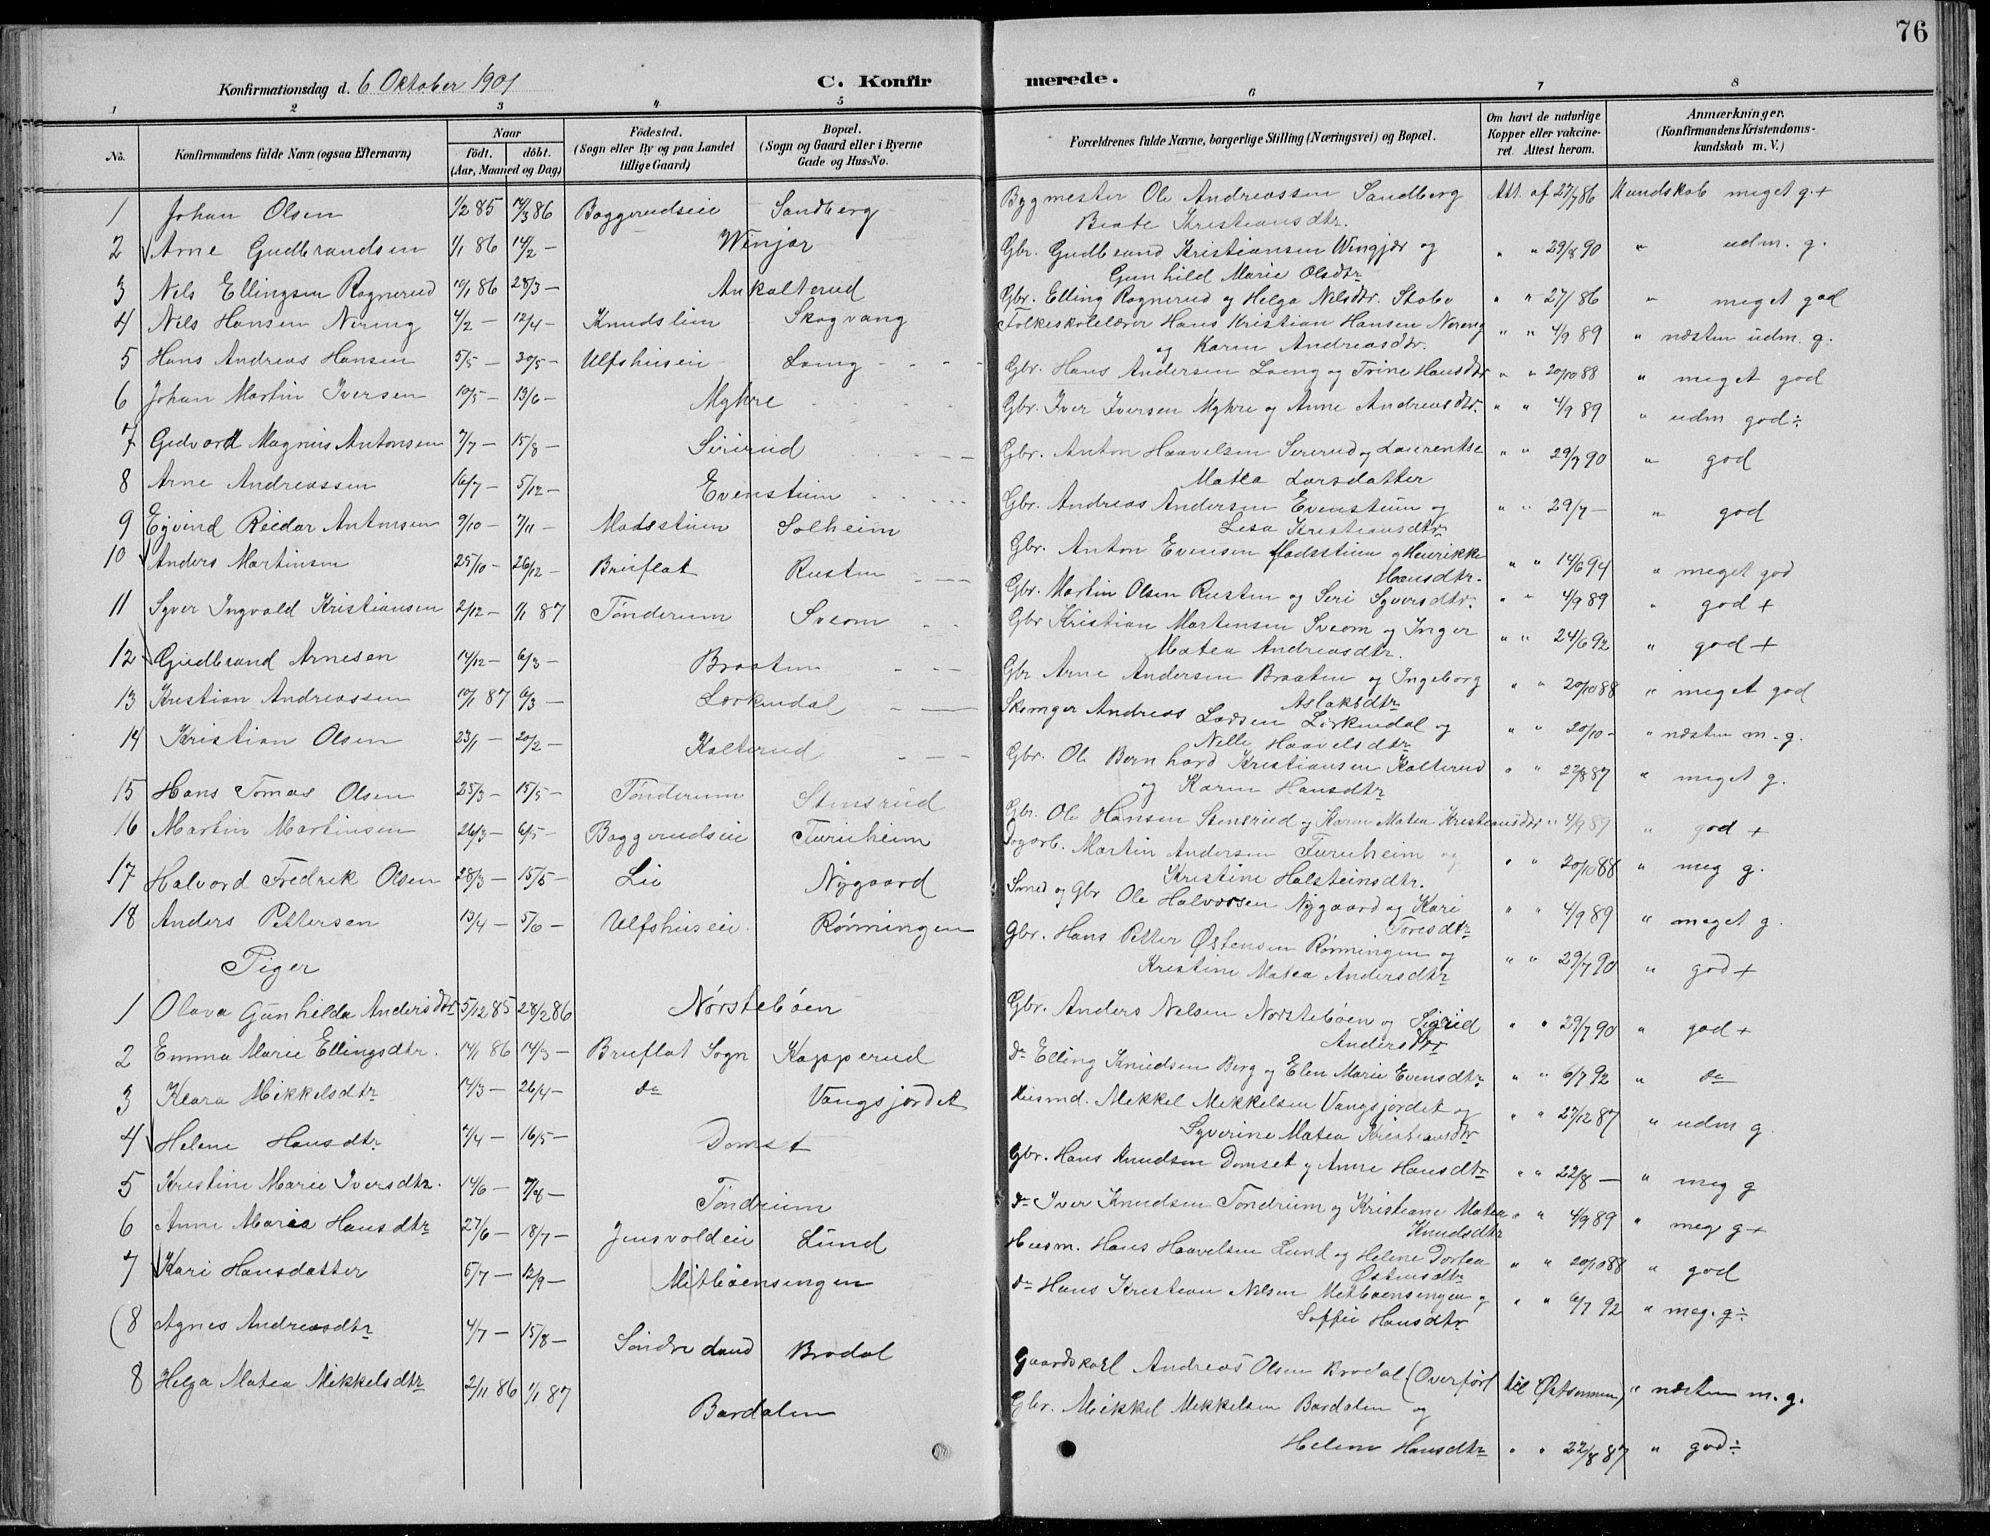 SAH, Nordre Land prestekontor, Klokkerbok nr. 13, 1891-1904, s. 76